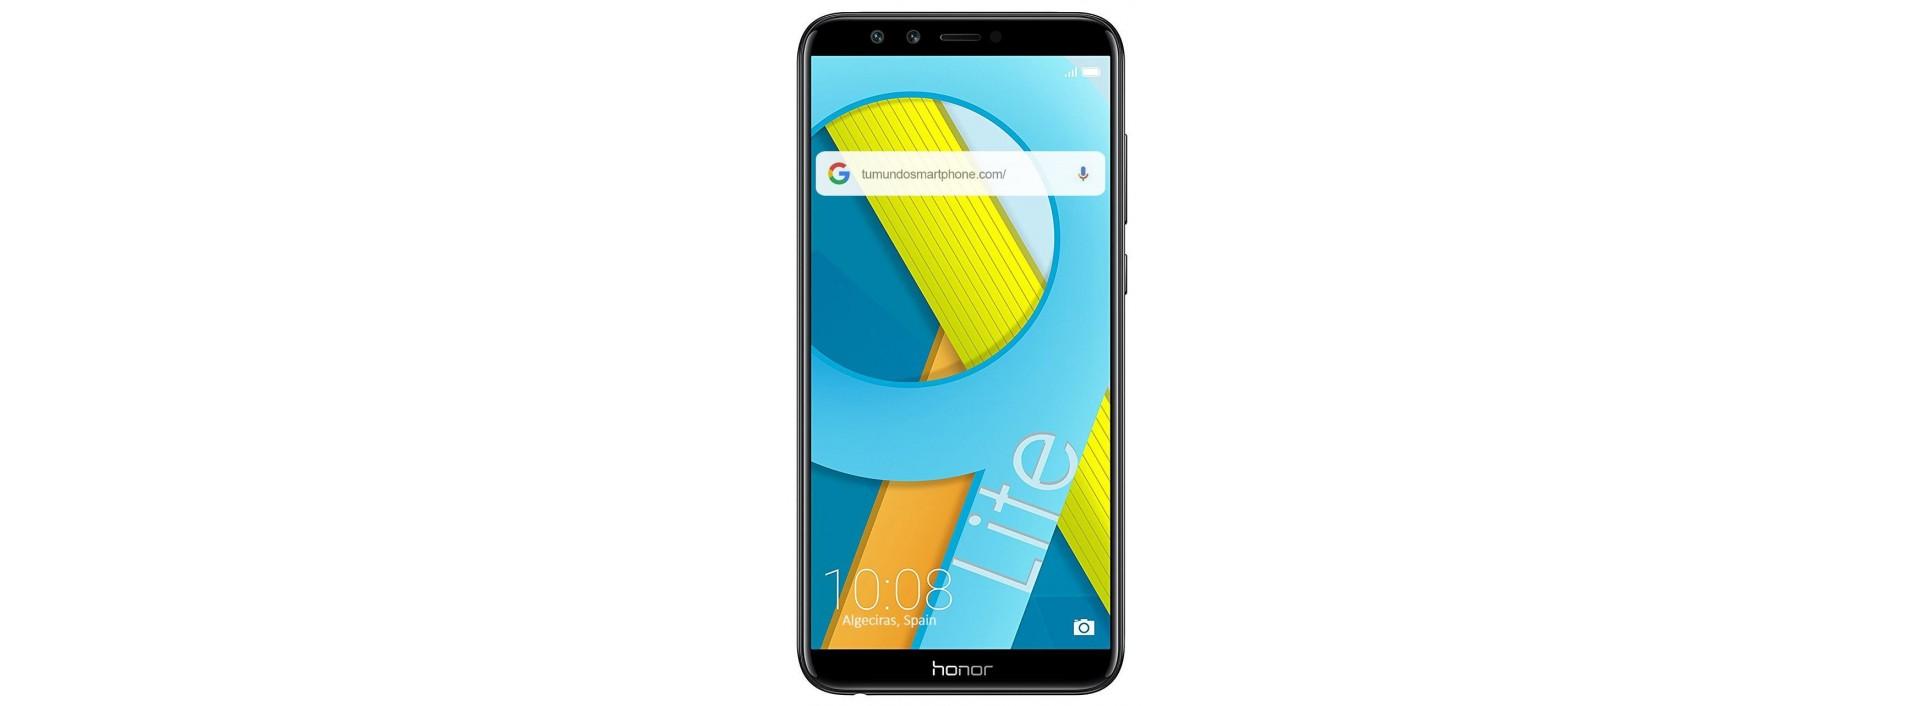 Fundas PERSONALIZADAS Huawei Honor 9 Lite, Envío Gratis en TMS